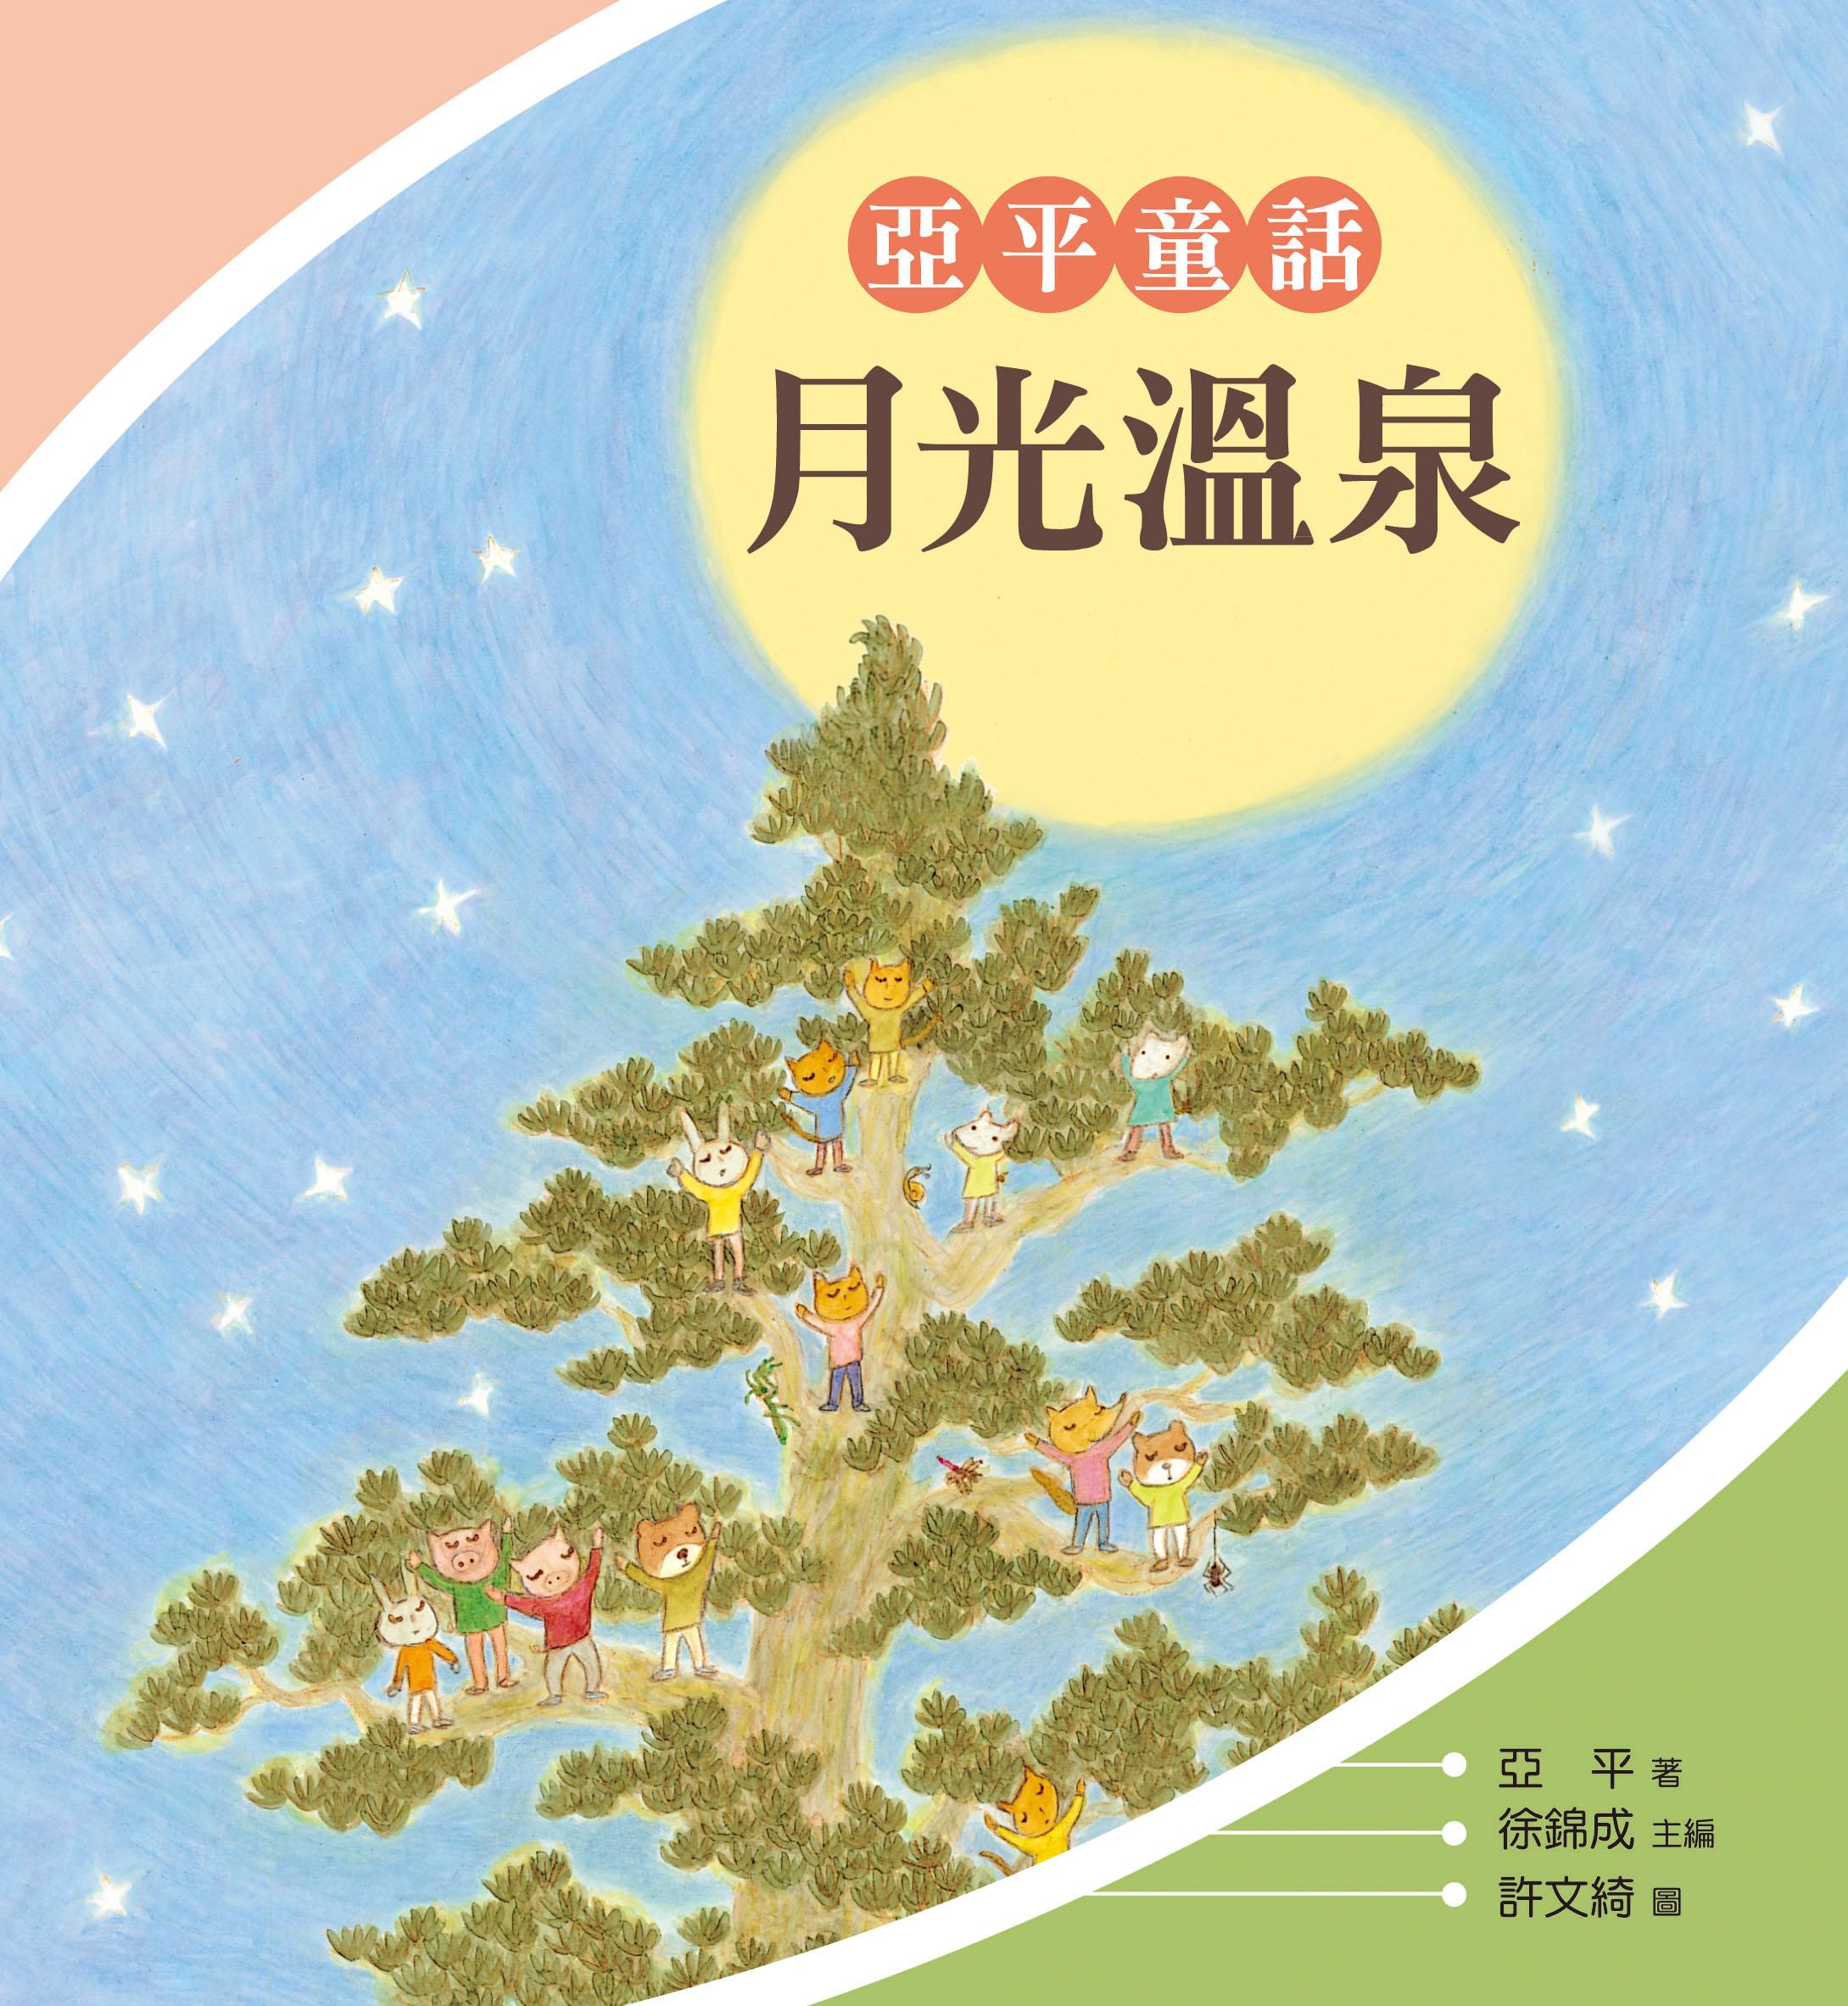 楊隆吉童話封面 8